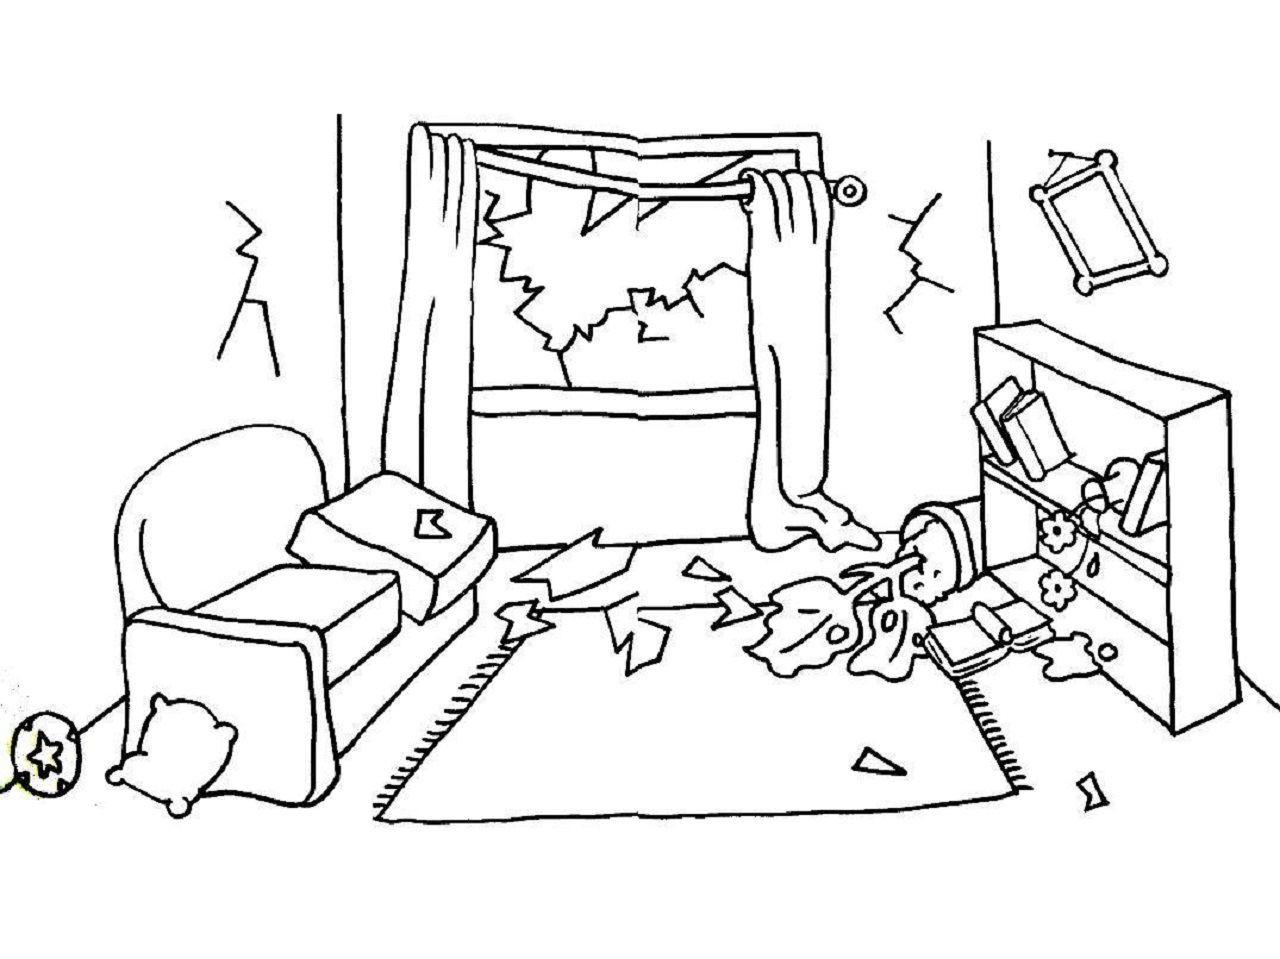 Deprem sonrasında yapılması gerekenler! - Page 1